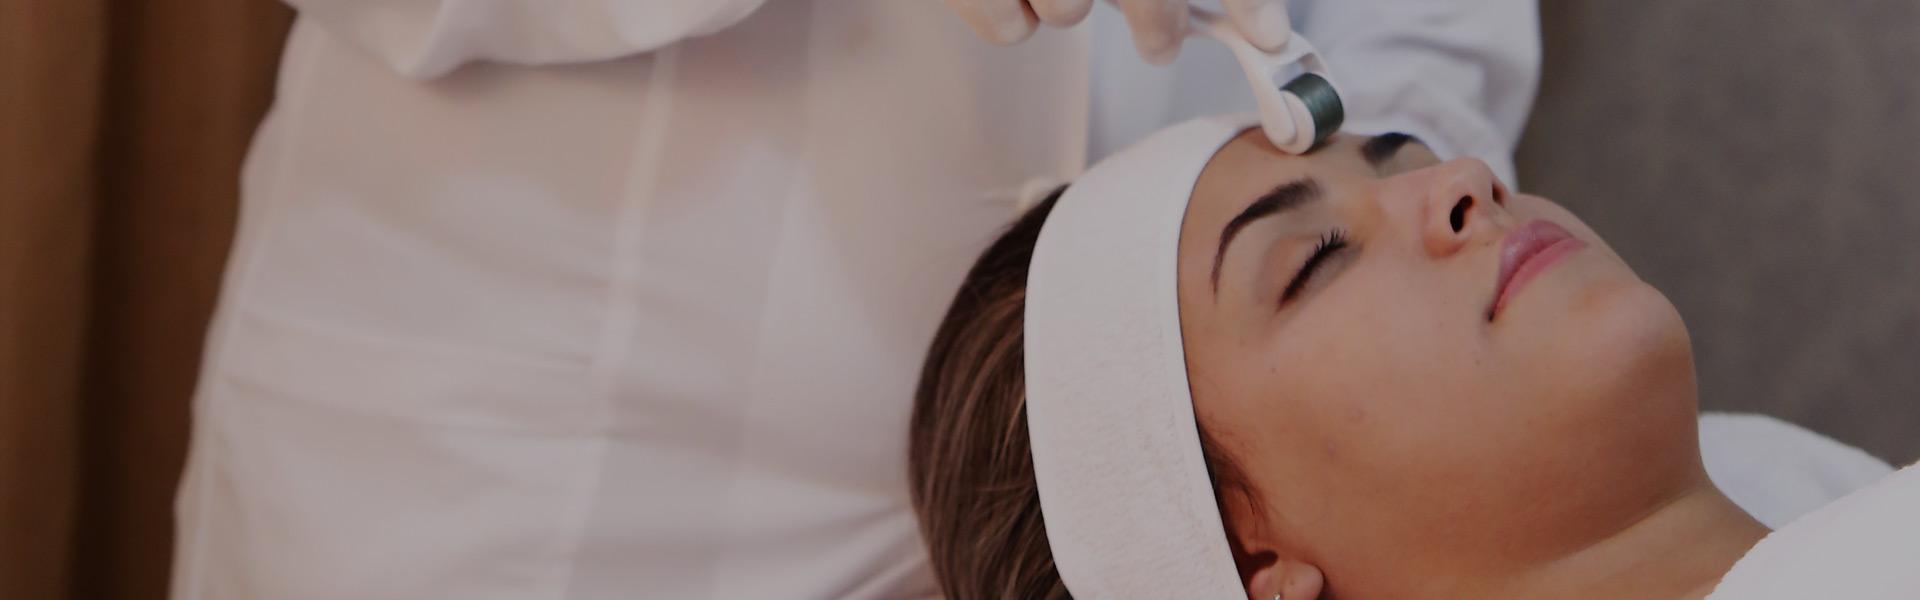 Já ouviram falar de Dermaroller? Ou Microagulhamento? Está começando a ser conhecido no Brasil, mas nos EUA já é a maior febre! Você sabe porque? É um tratamento que melhorar e muito a aparência da pele do rosto, combatendo a flacidez, as rugas e linhas de expressão, melhorando estrias, marcas e cicatrizes, dando viço, luminosidade e controlando a acne.